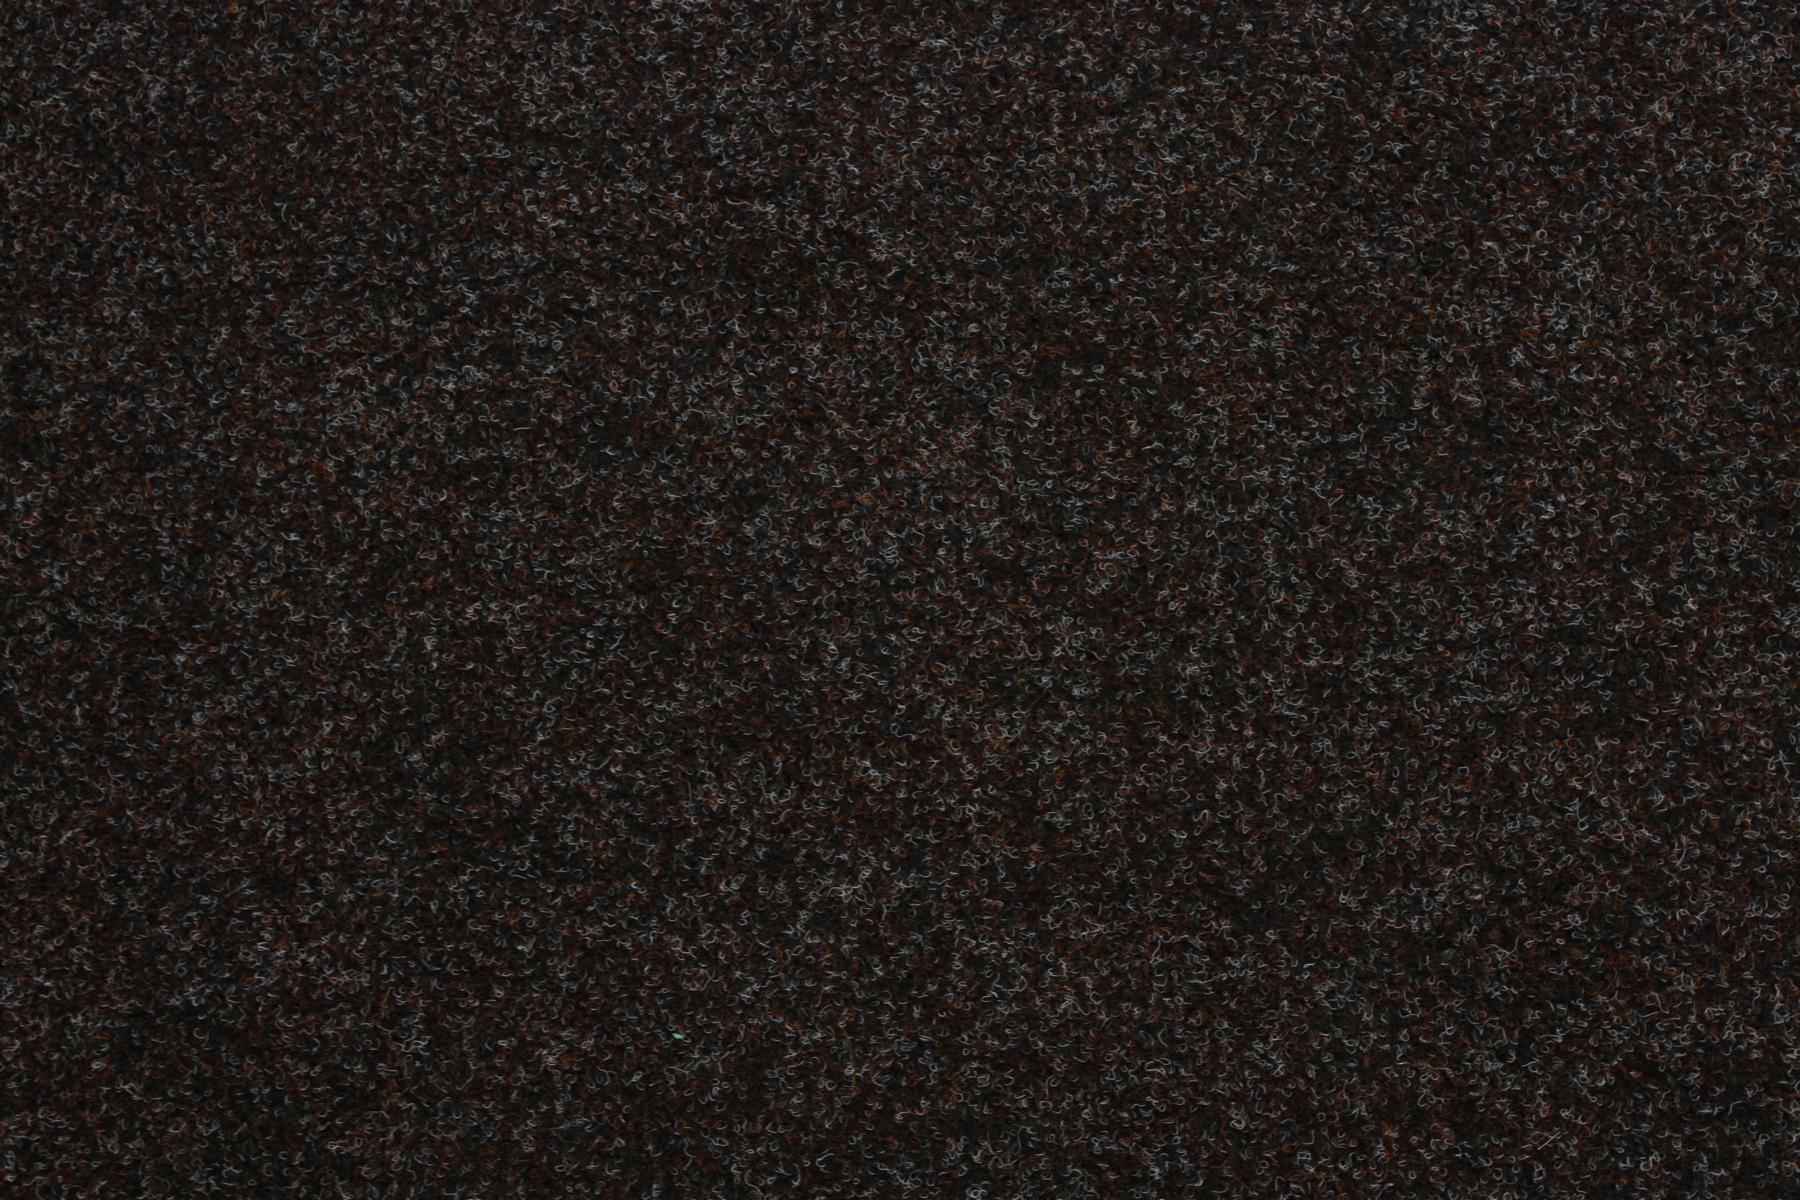 Rasenteppich Kunstrasen Premium dunkel braun 200x380 cm